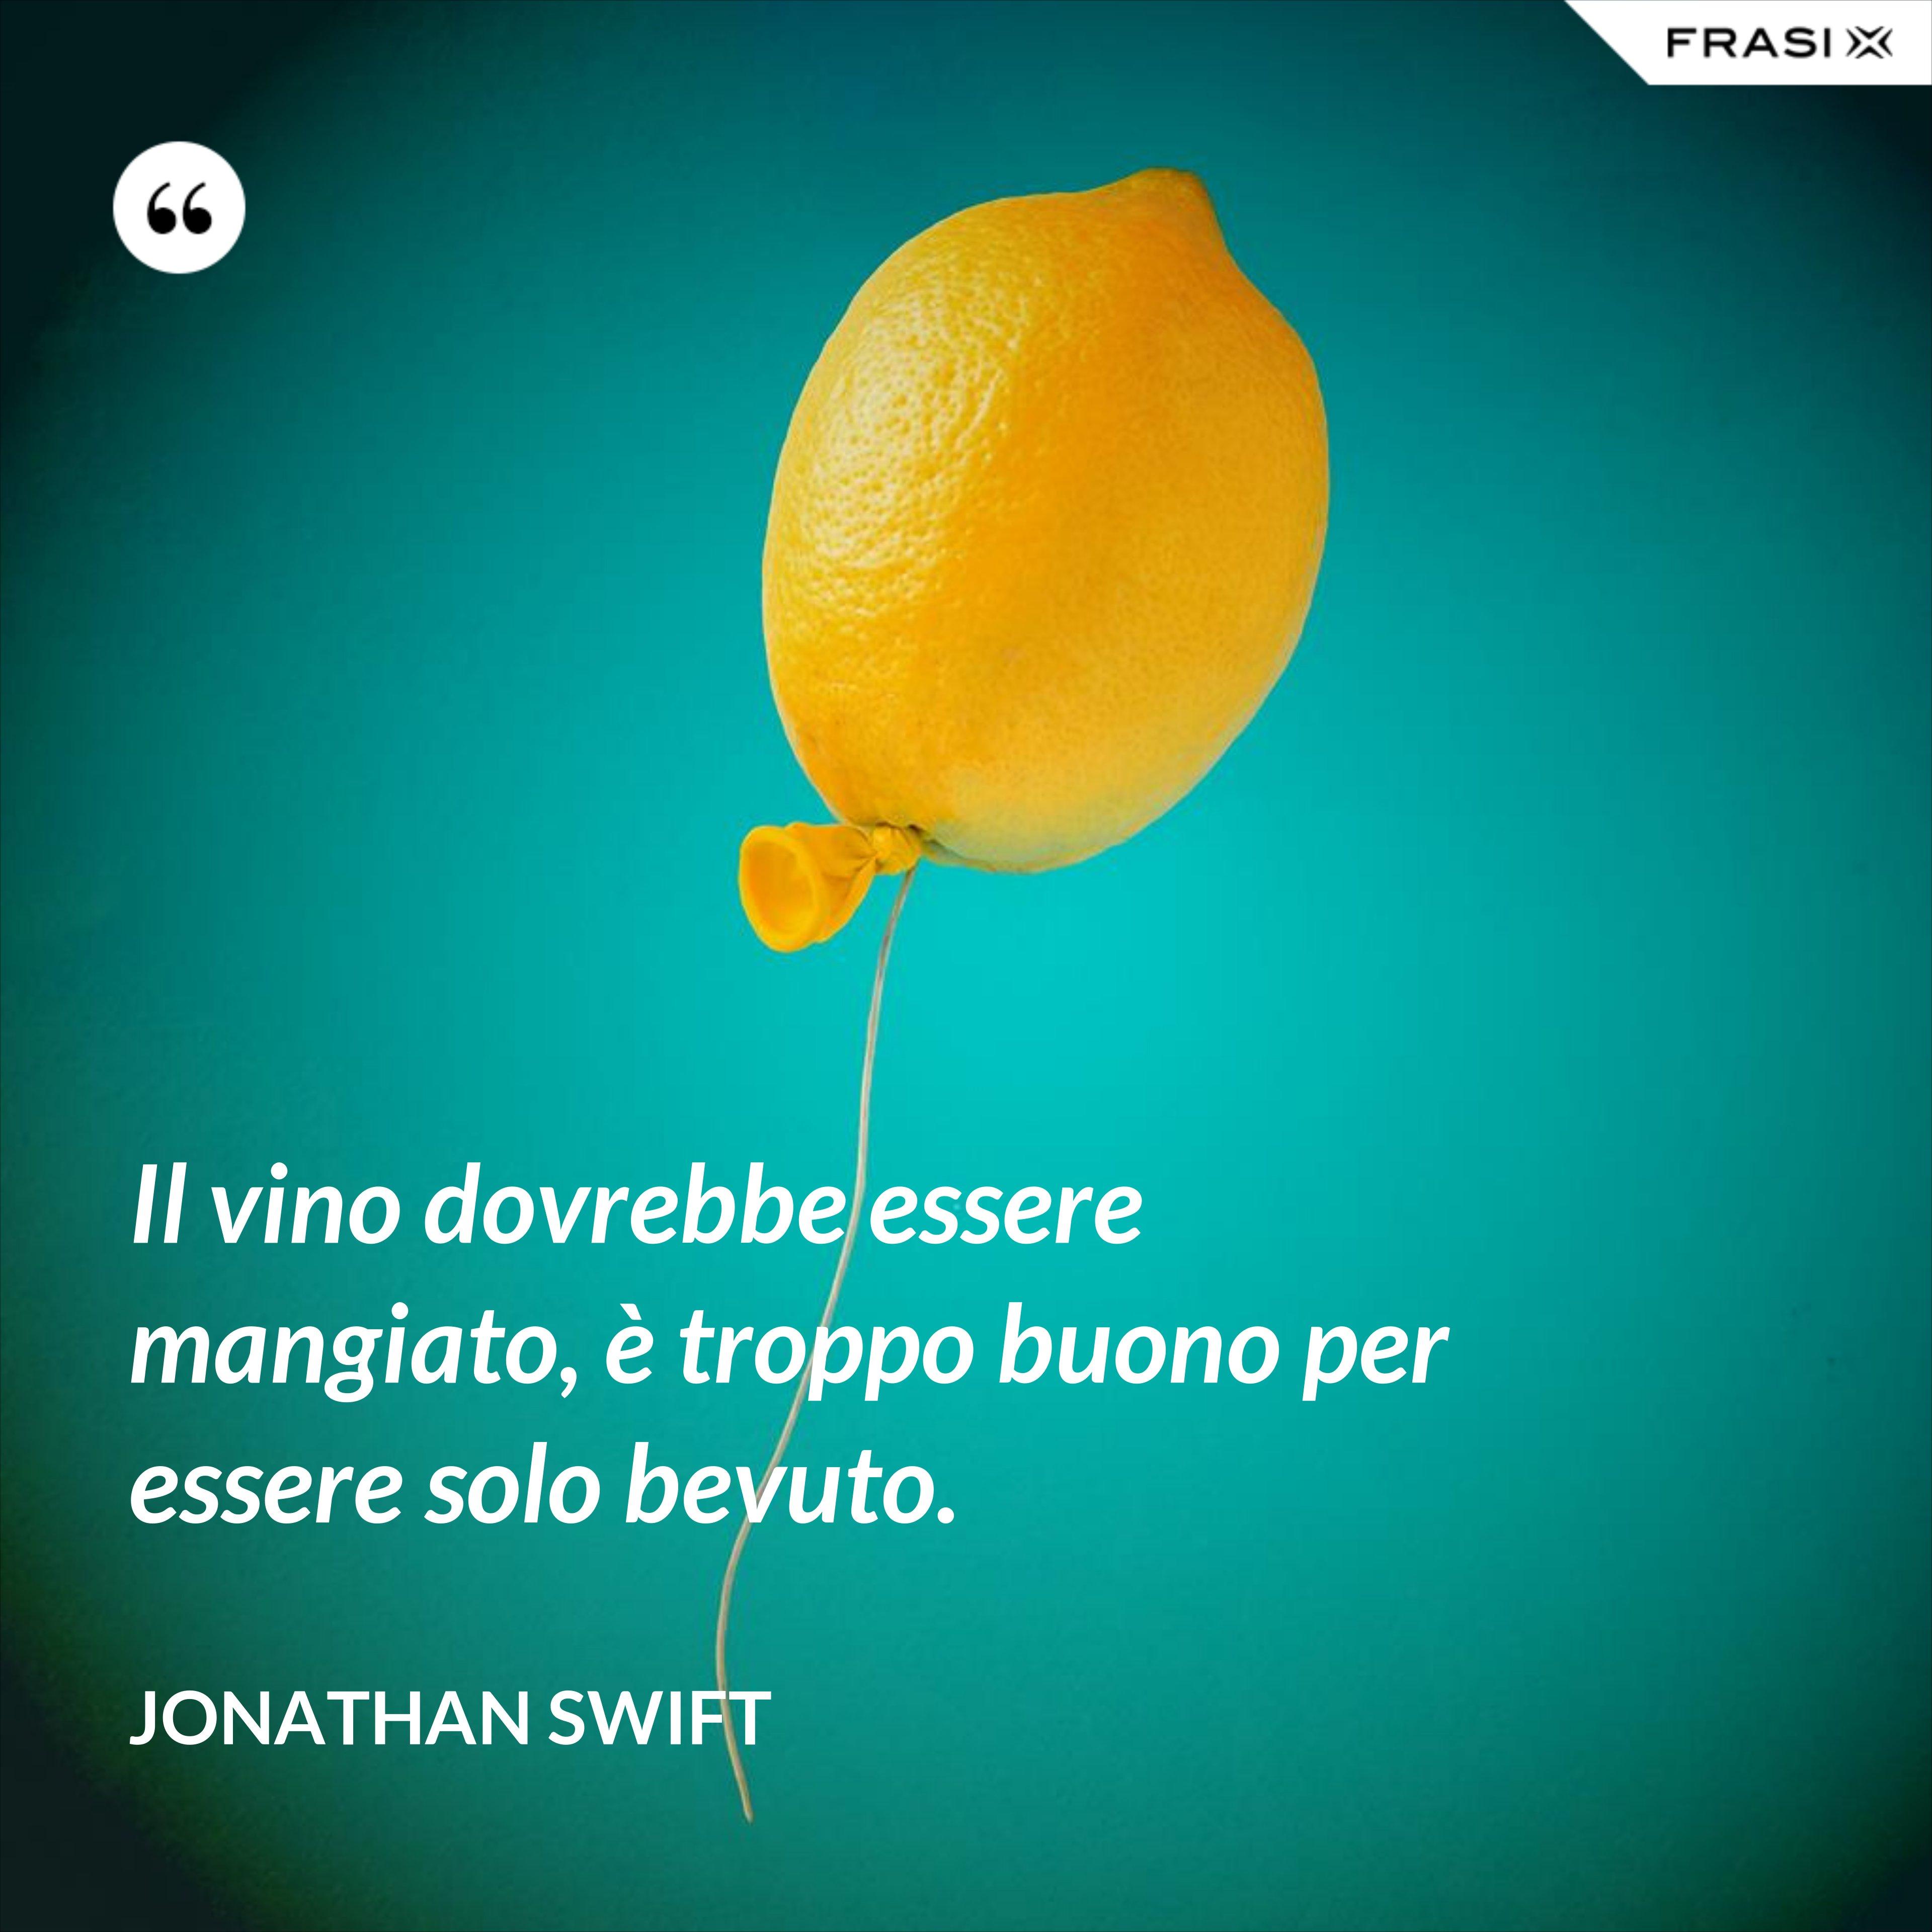 Il vino dovrebbe essere mangiato, è troppo buono per essere solo bevuto. - Jonathan Swift